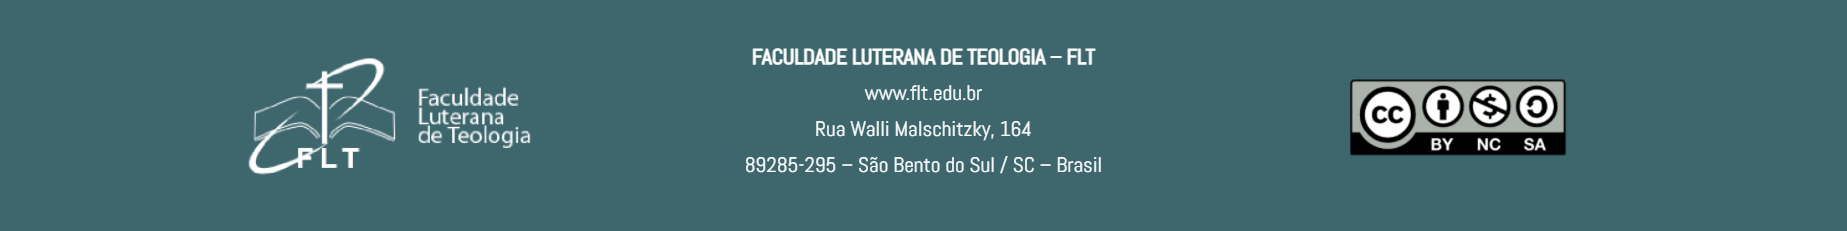 Galeria Teológica - Rodapé